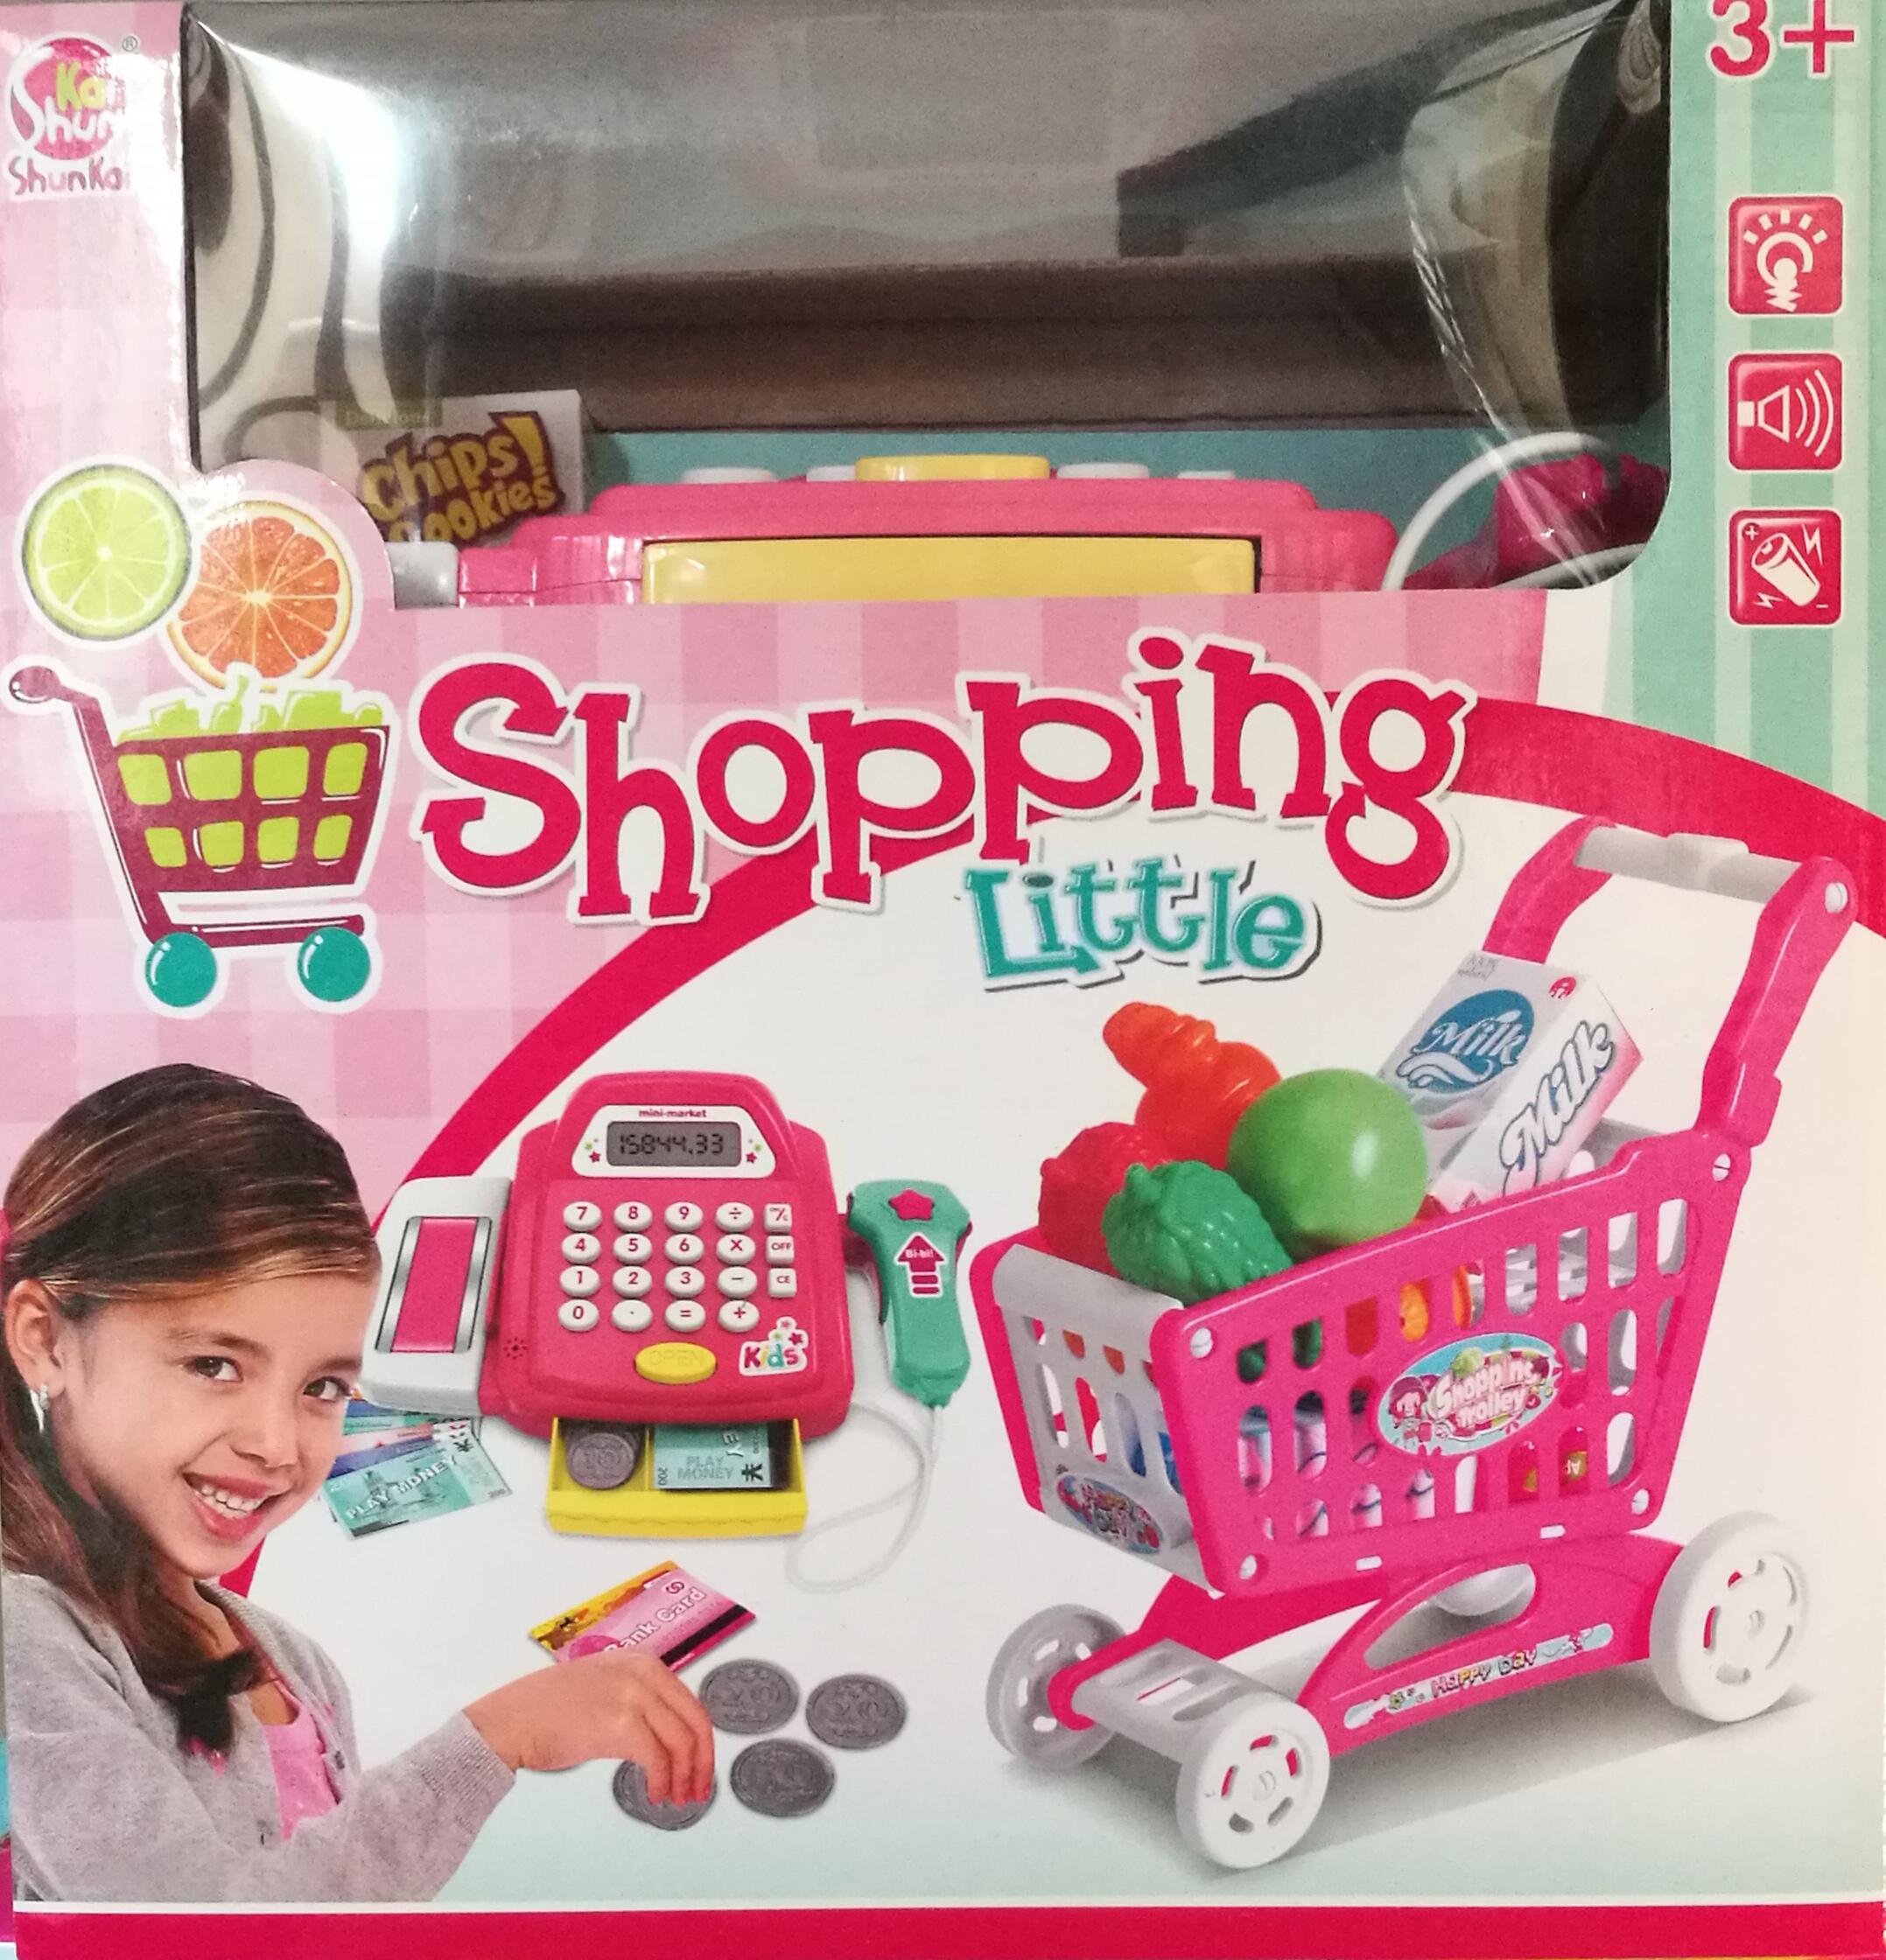 ชุดแคชเชียร์ตั้งโต๊ะ Shopping Little พร้อมตะกร้ารถเข็น ส่งฟรีพัสดุไปรษณีย์